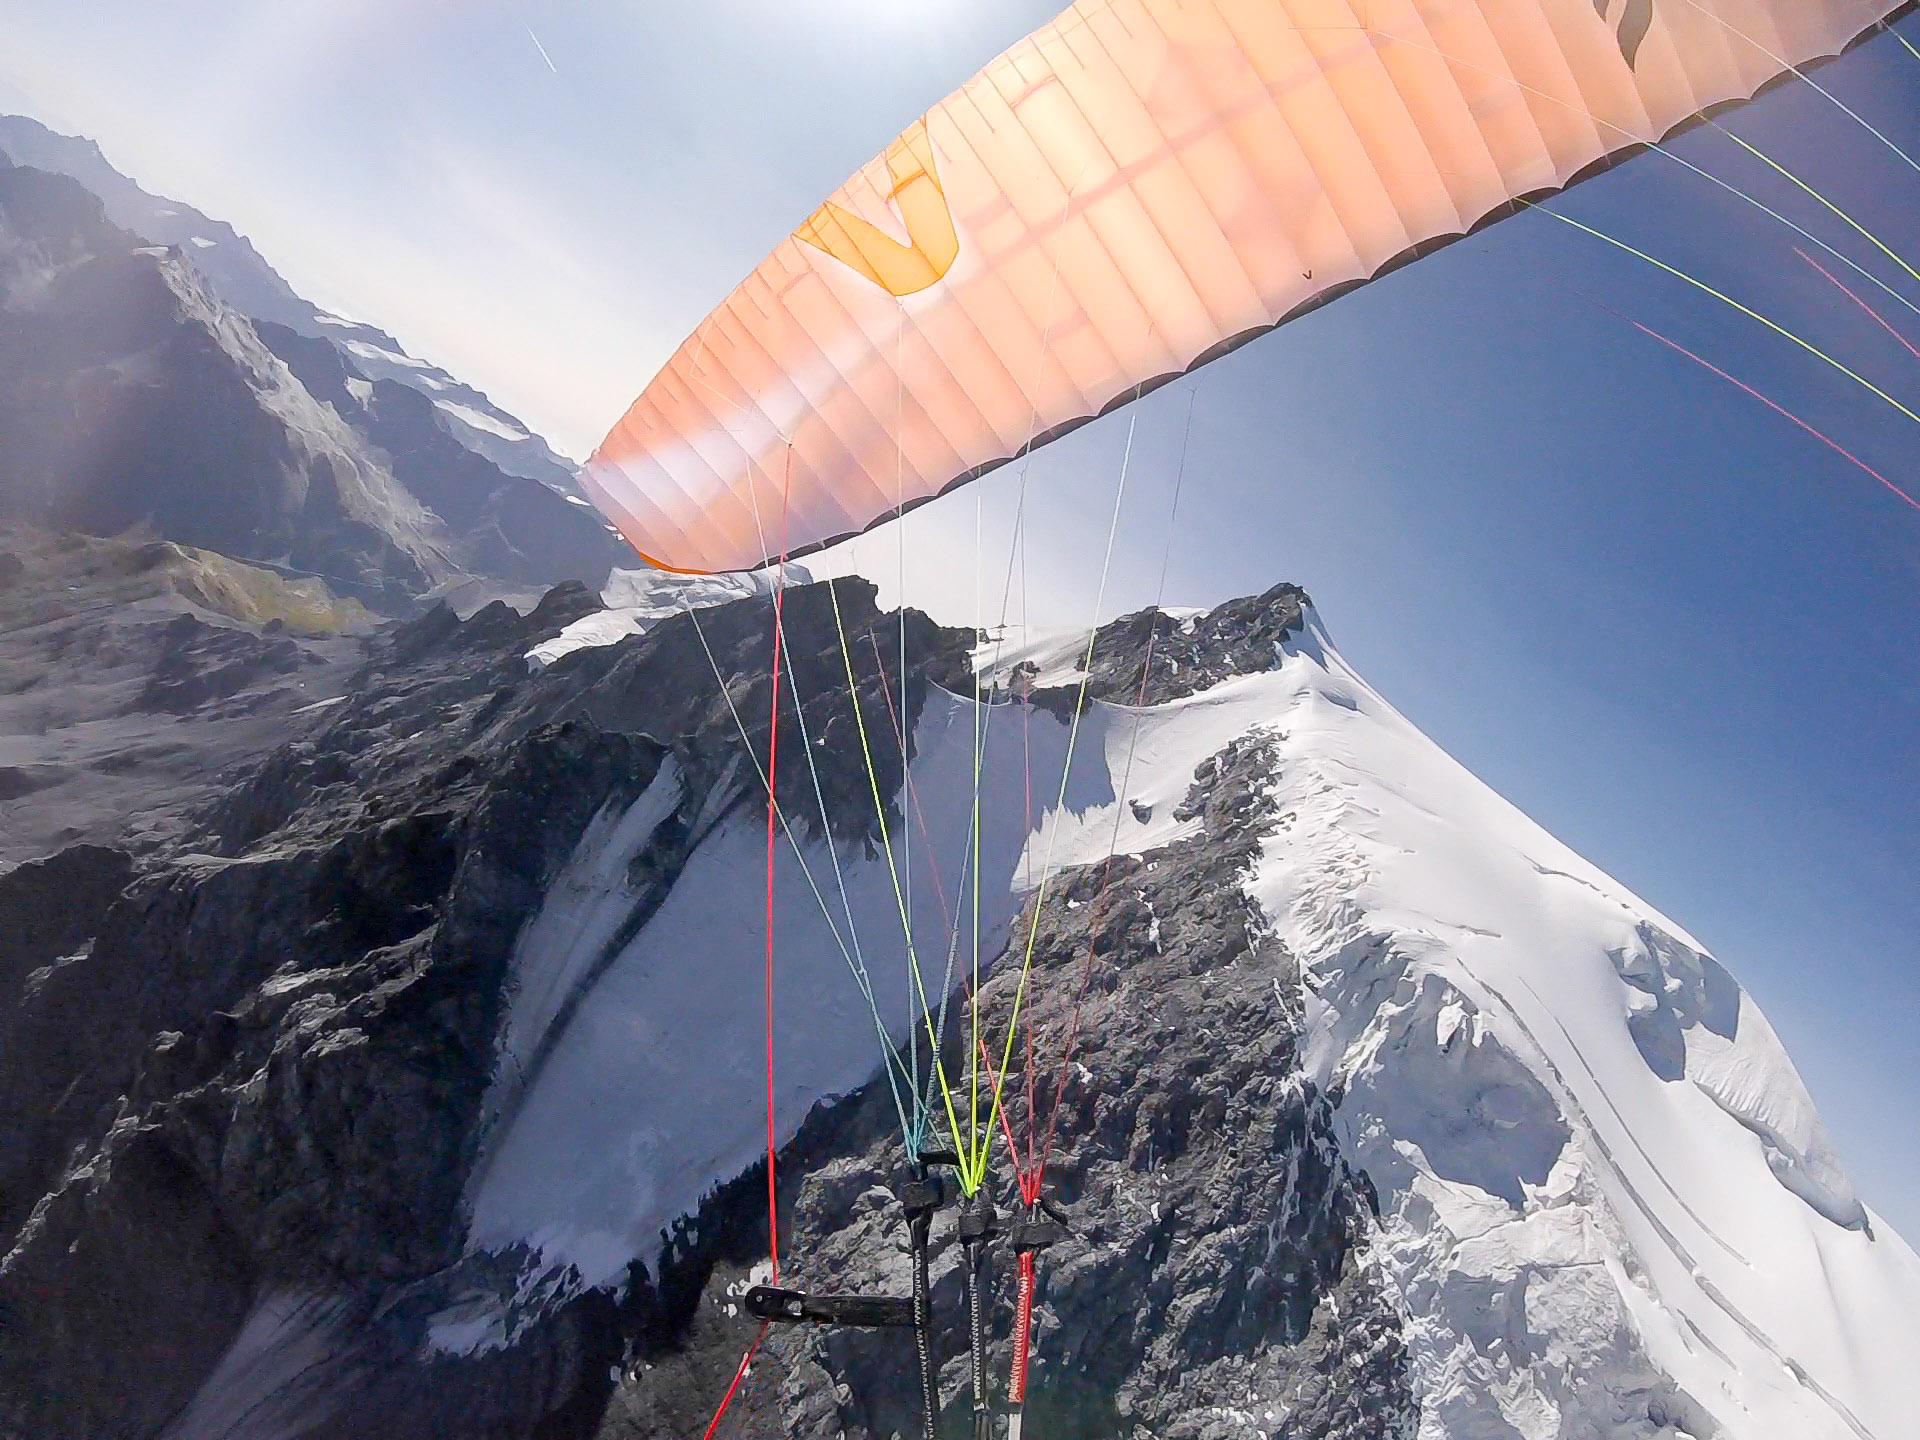 Alpine Hochtouren mit Gleitschirm